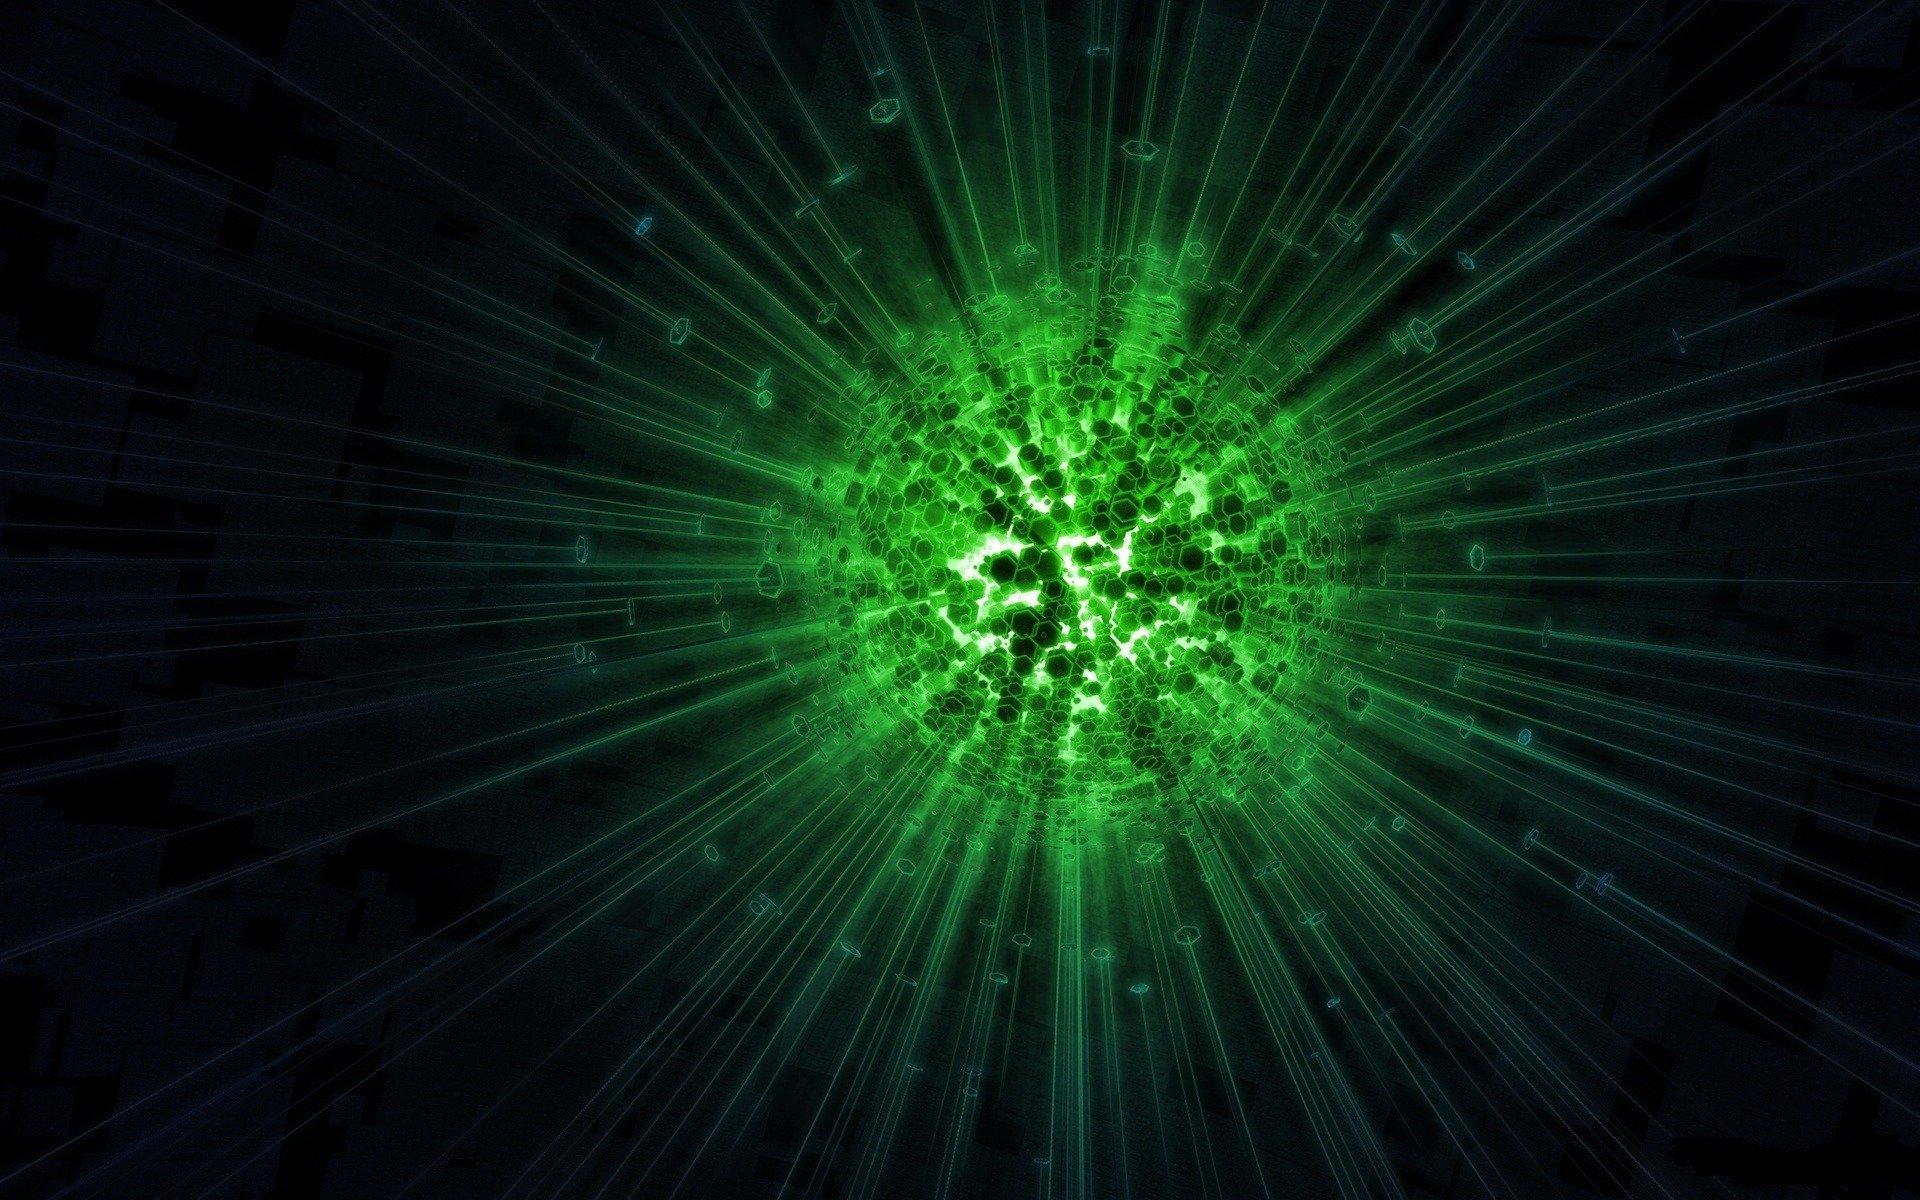 Неоновый свет от 3d объекта  № 941237 без смс